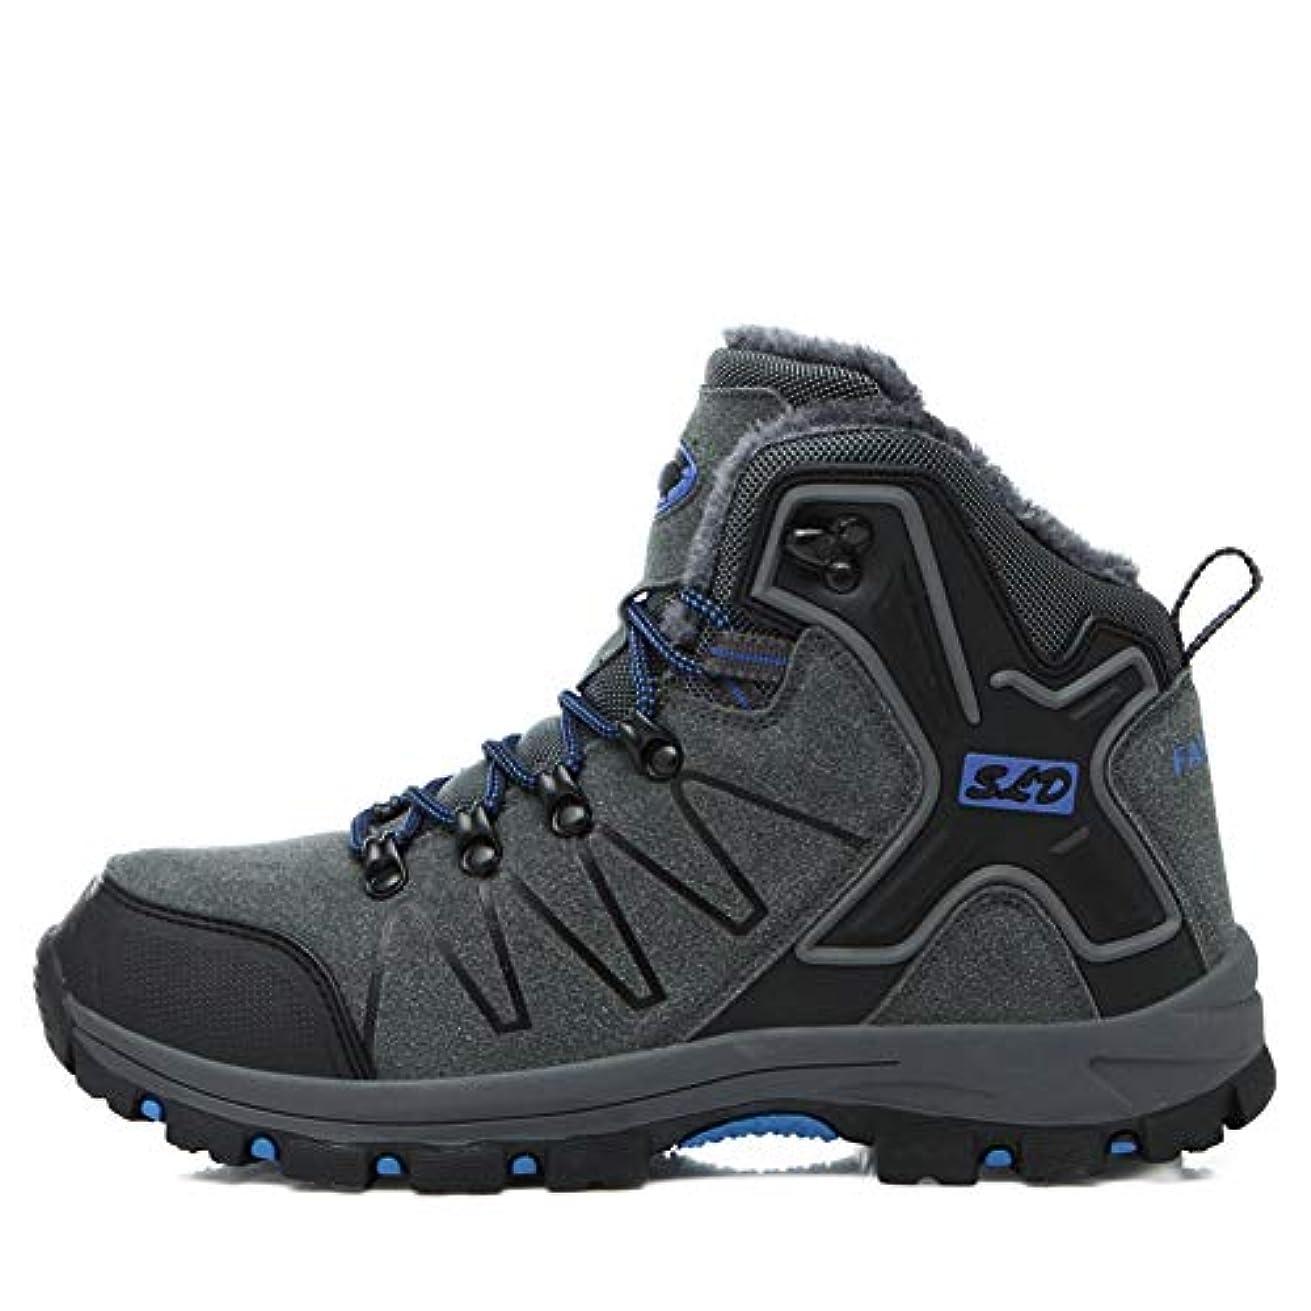 建物炎上品[TcIFE] トレッキングシューズ メンズ 防水 防滑 ハイカット 登山靴 大きいサイズ ハイキングシューズ メンズ 耐磨耗 ハイキングシューズ メンズ 通気性 スニーカー